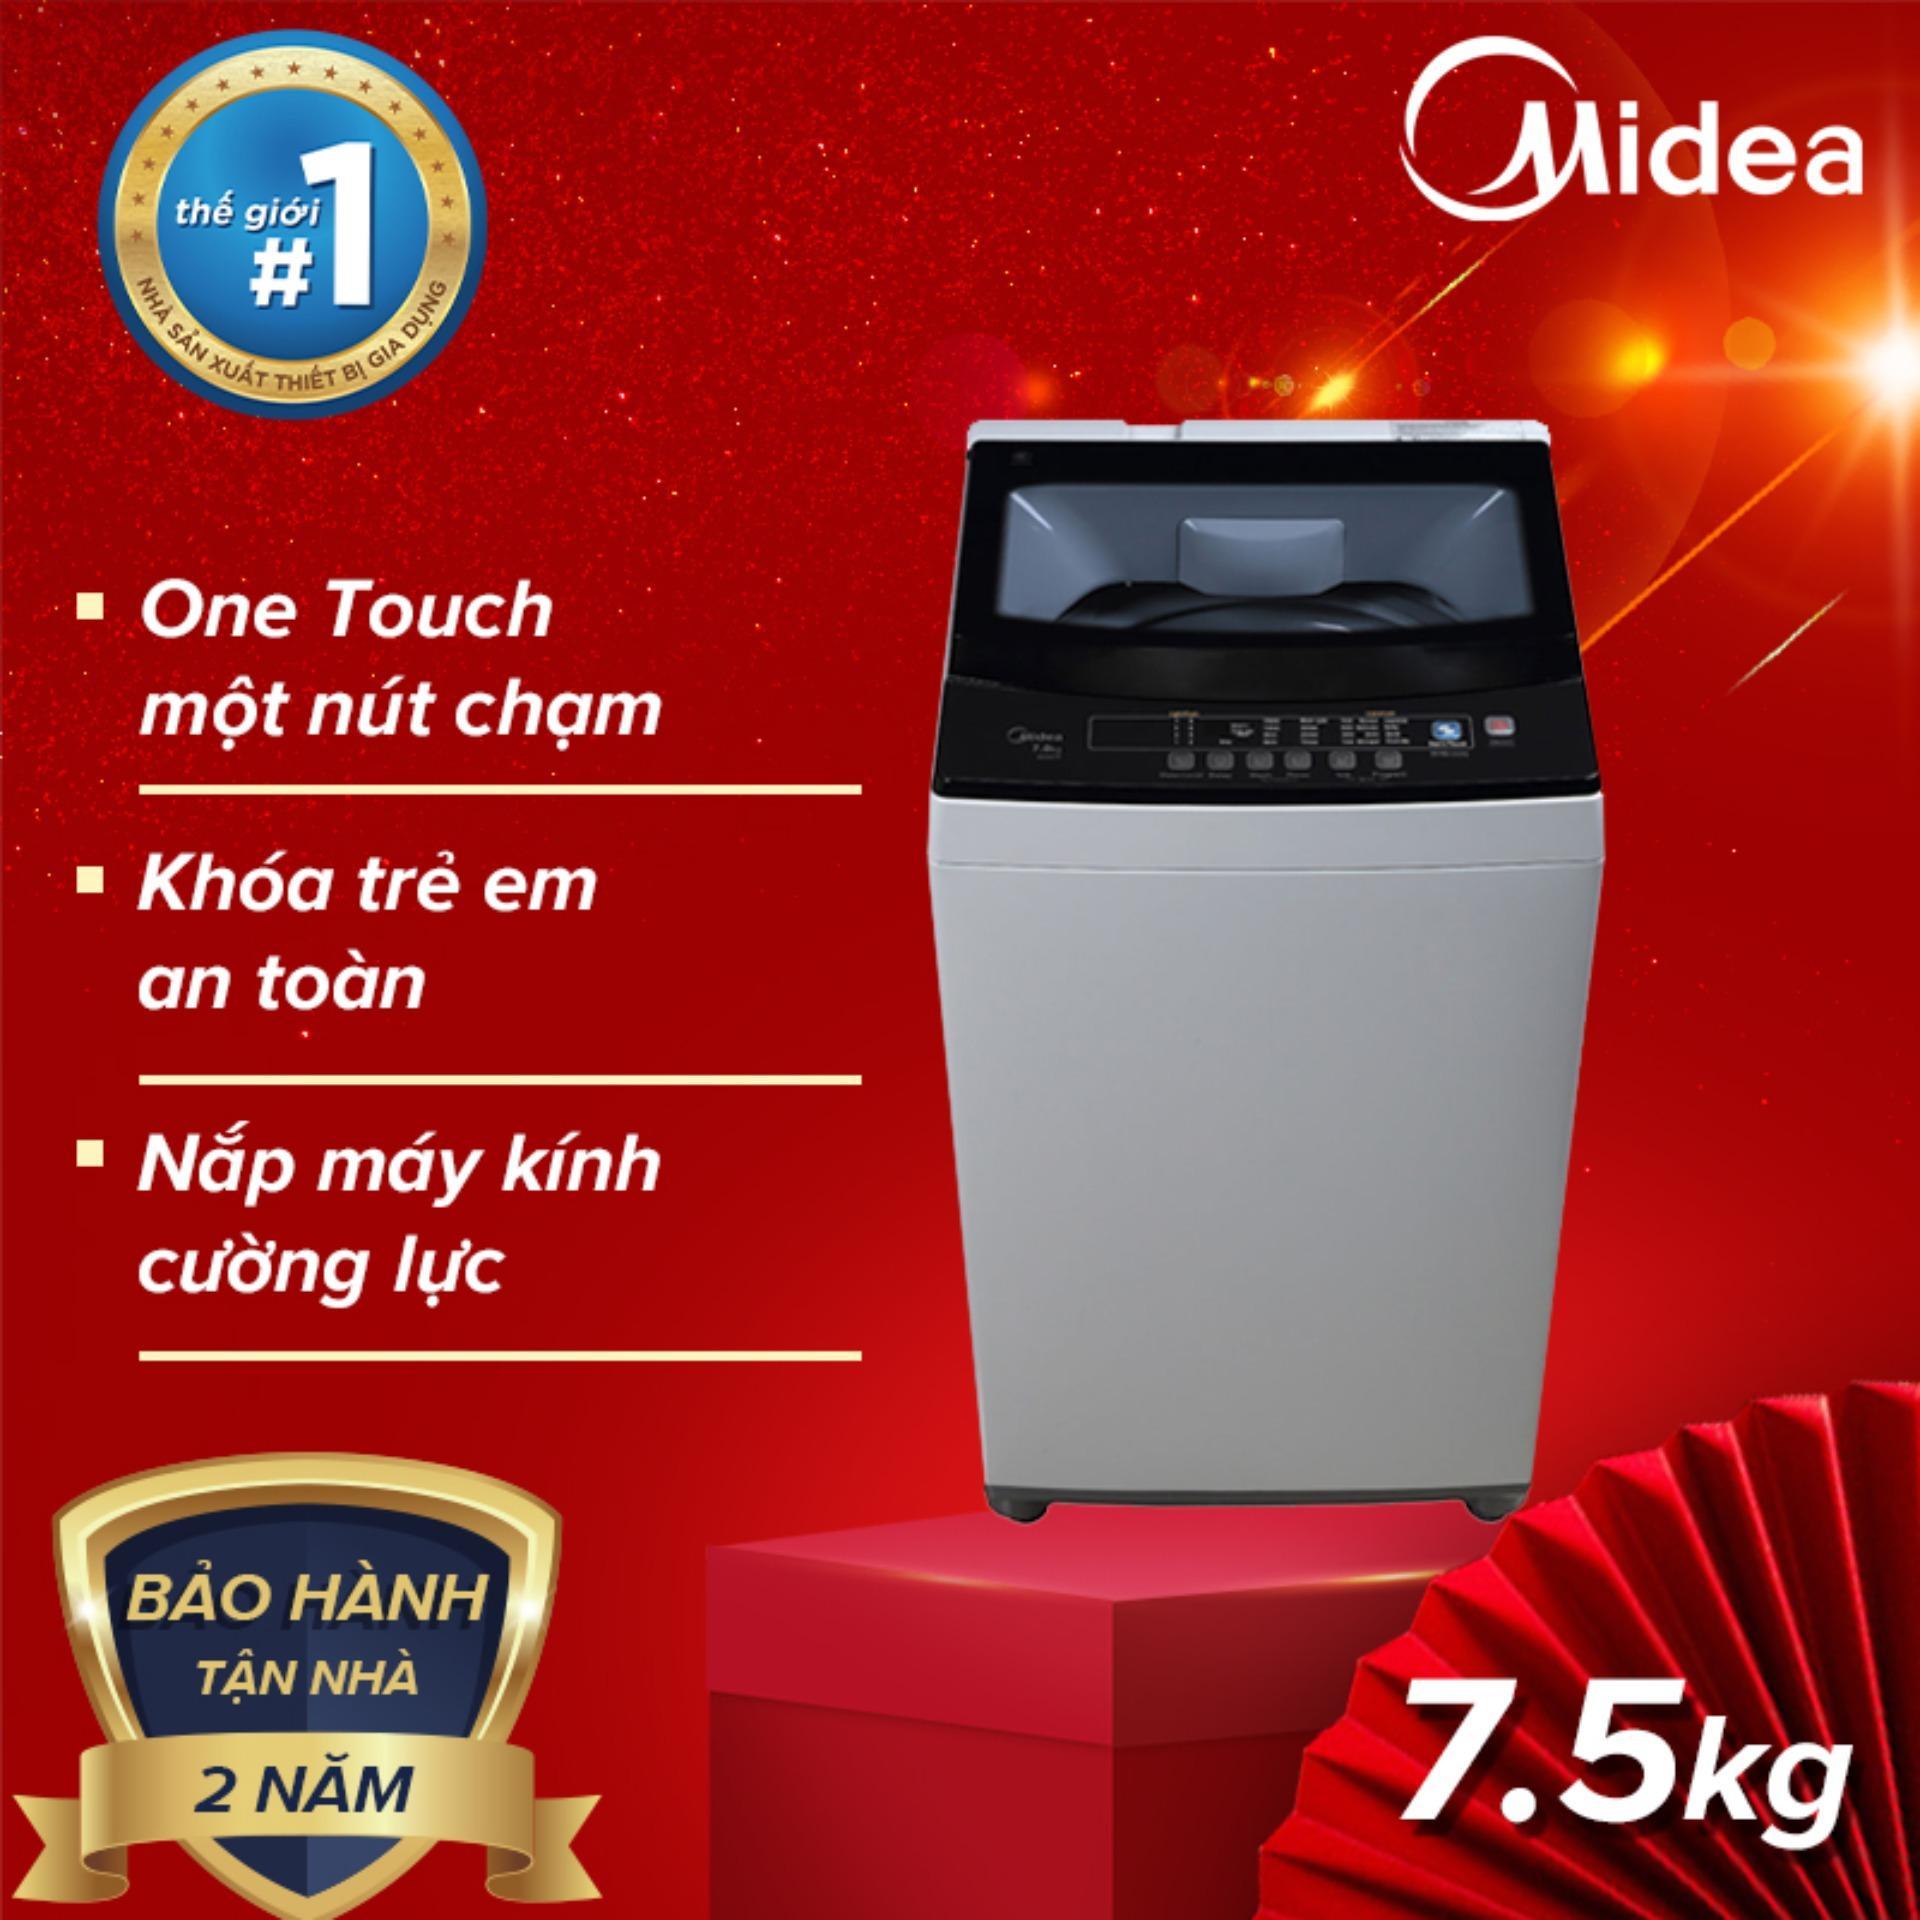 Máy Giặt cửa trên lồng đứng MIDEA 7.5 Kg MAN-7507 - Bảo hành 24 tháng tại nhà, Hàng Phân Phối Chính Hãng